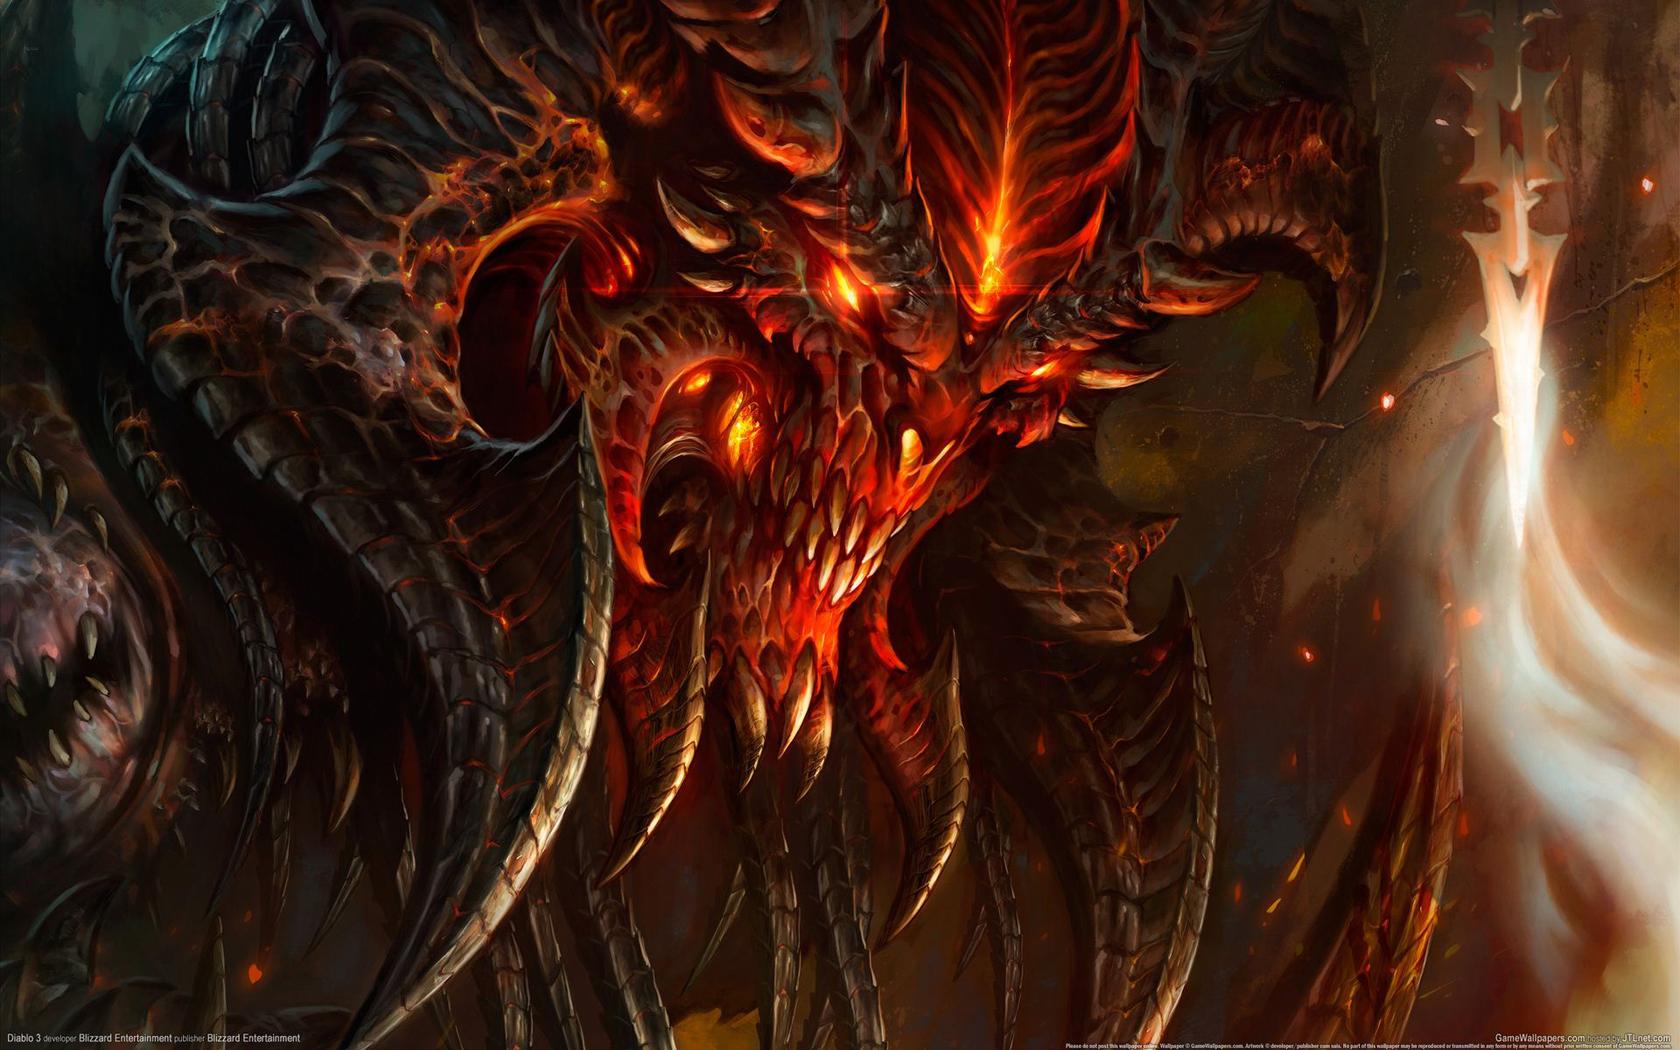 《暗黑破坏神3》人物对比专题